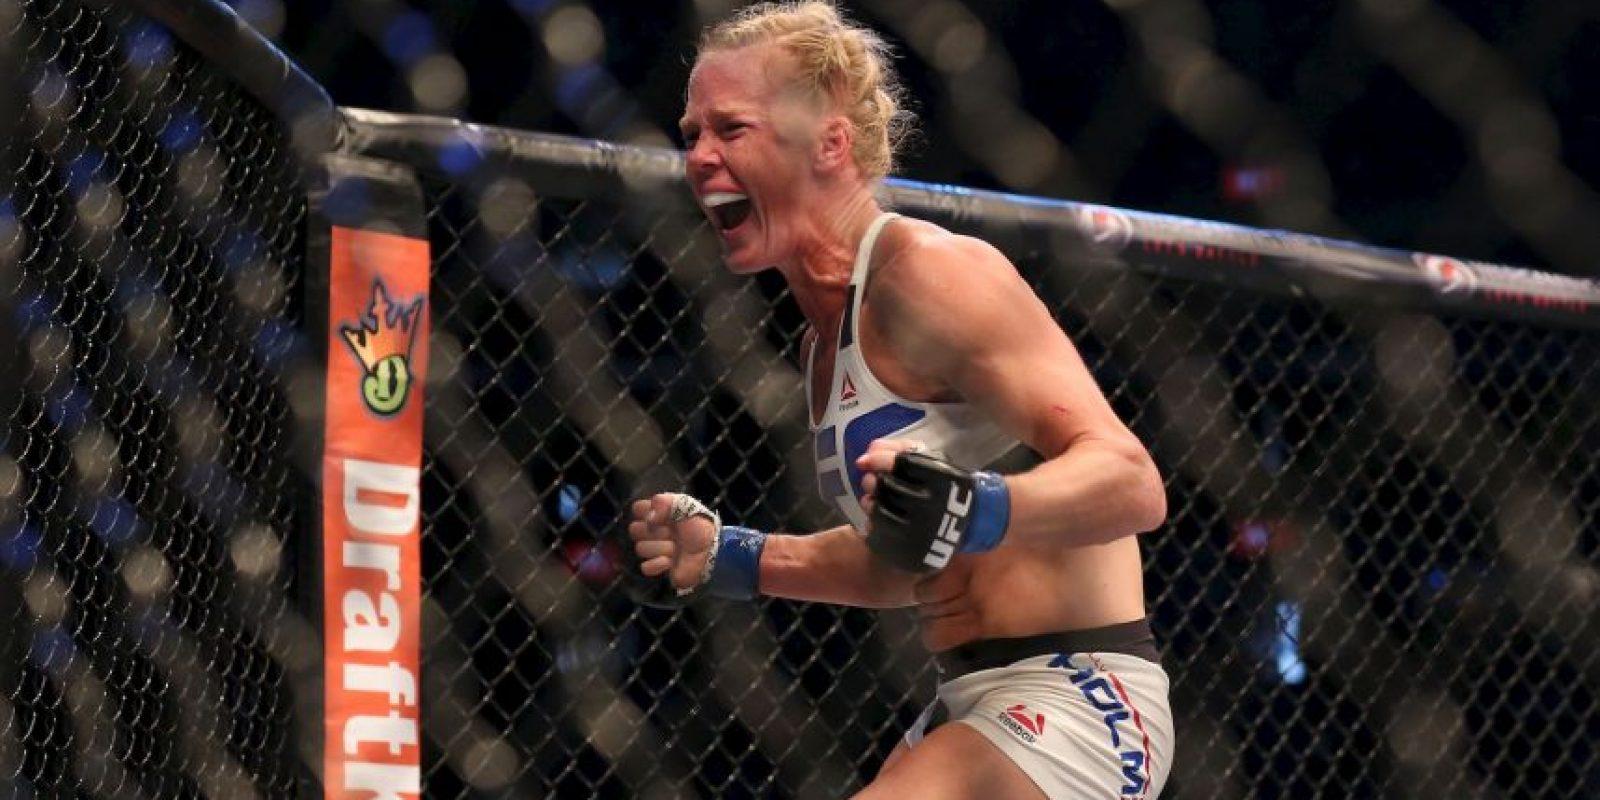 Todos esperan la pelea de revancha entre estas dos peleadoras Foto:Getty Images